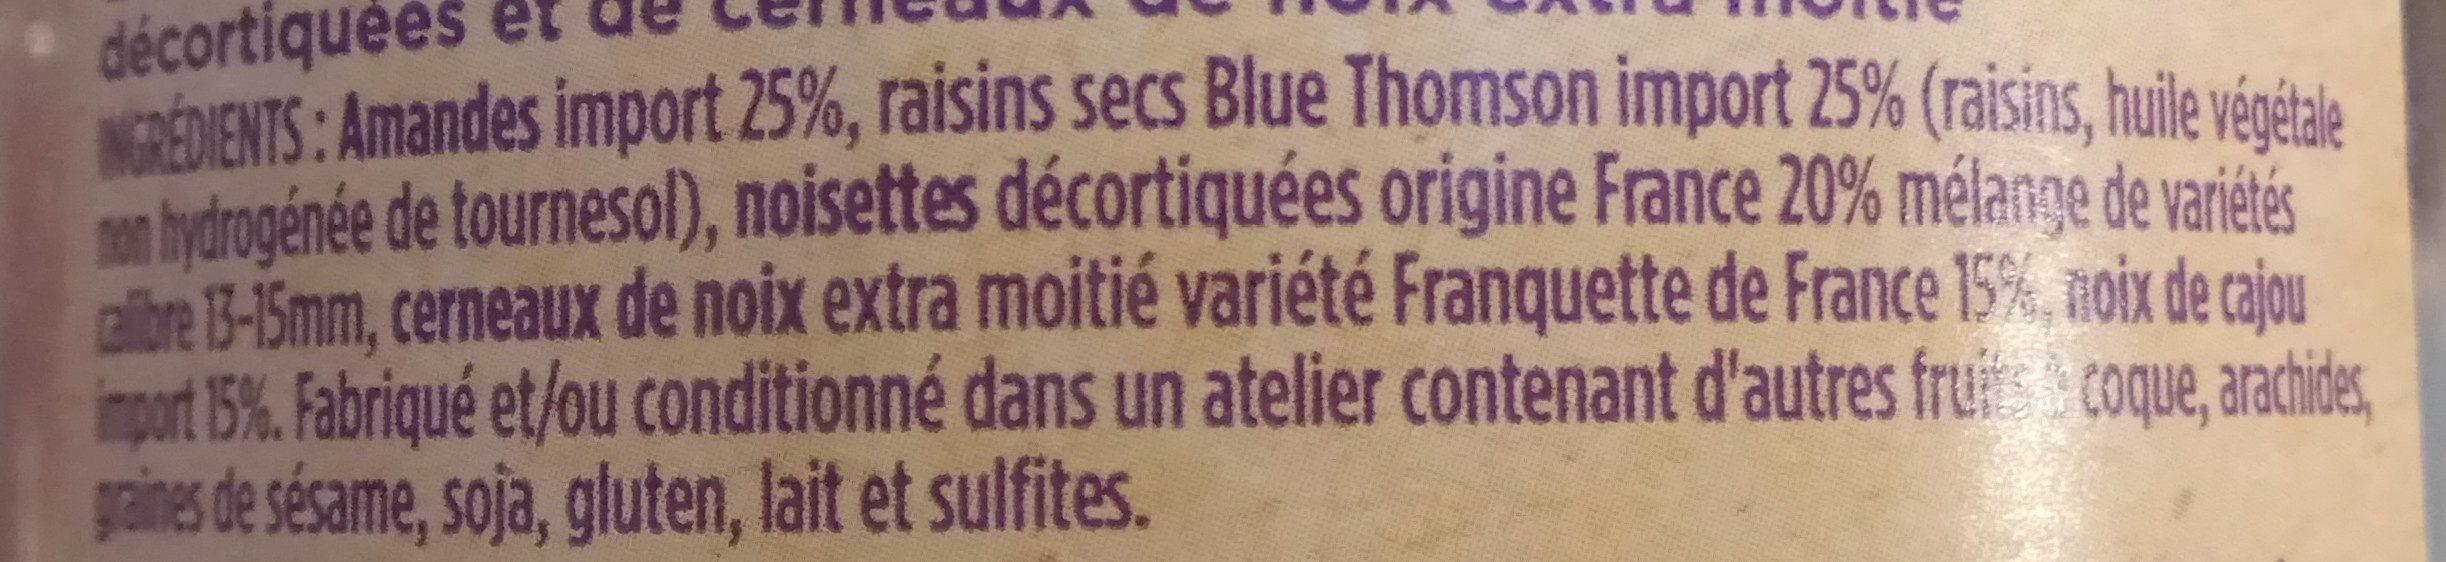 Mélange Trocadero - Ingredients